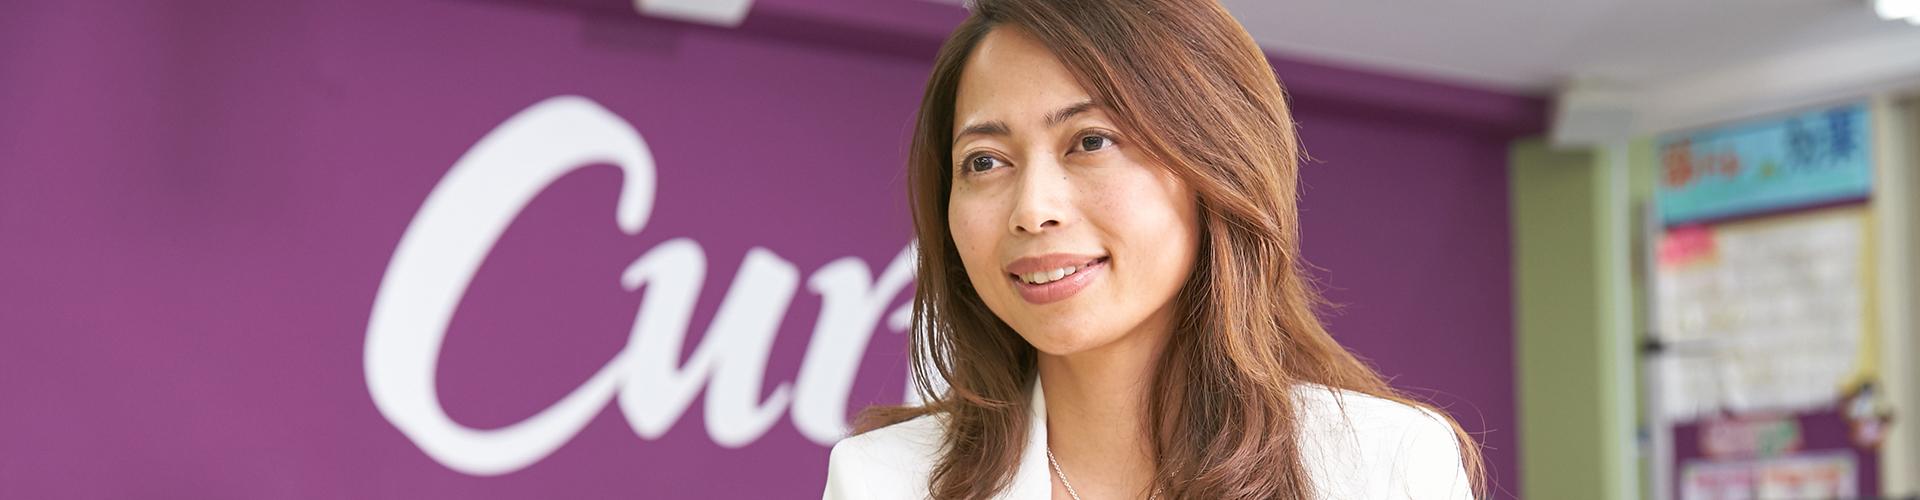 代表取締役大田原裕美のインタビュー風景